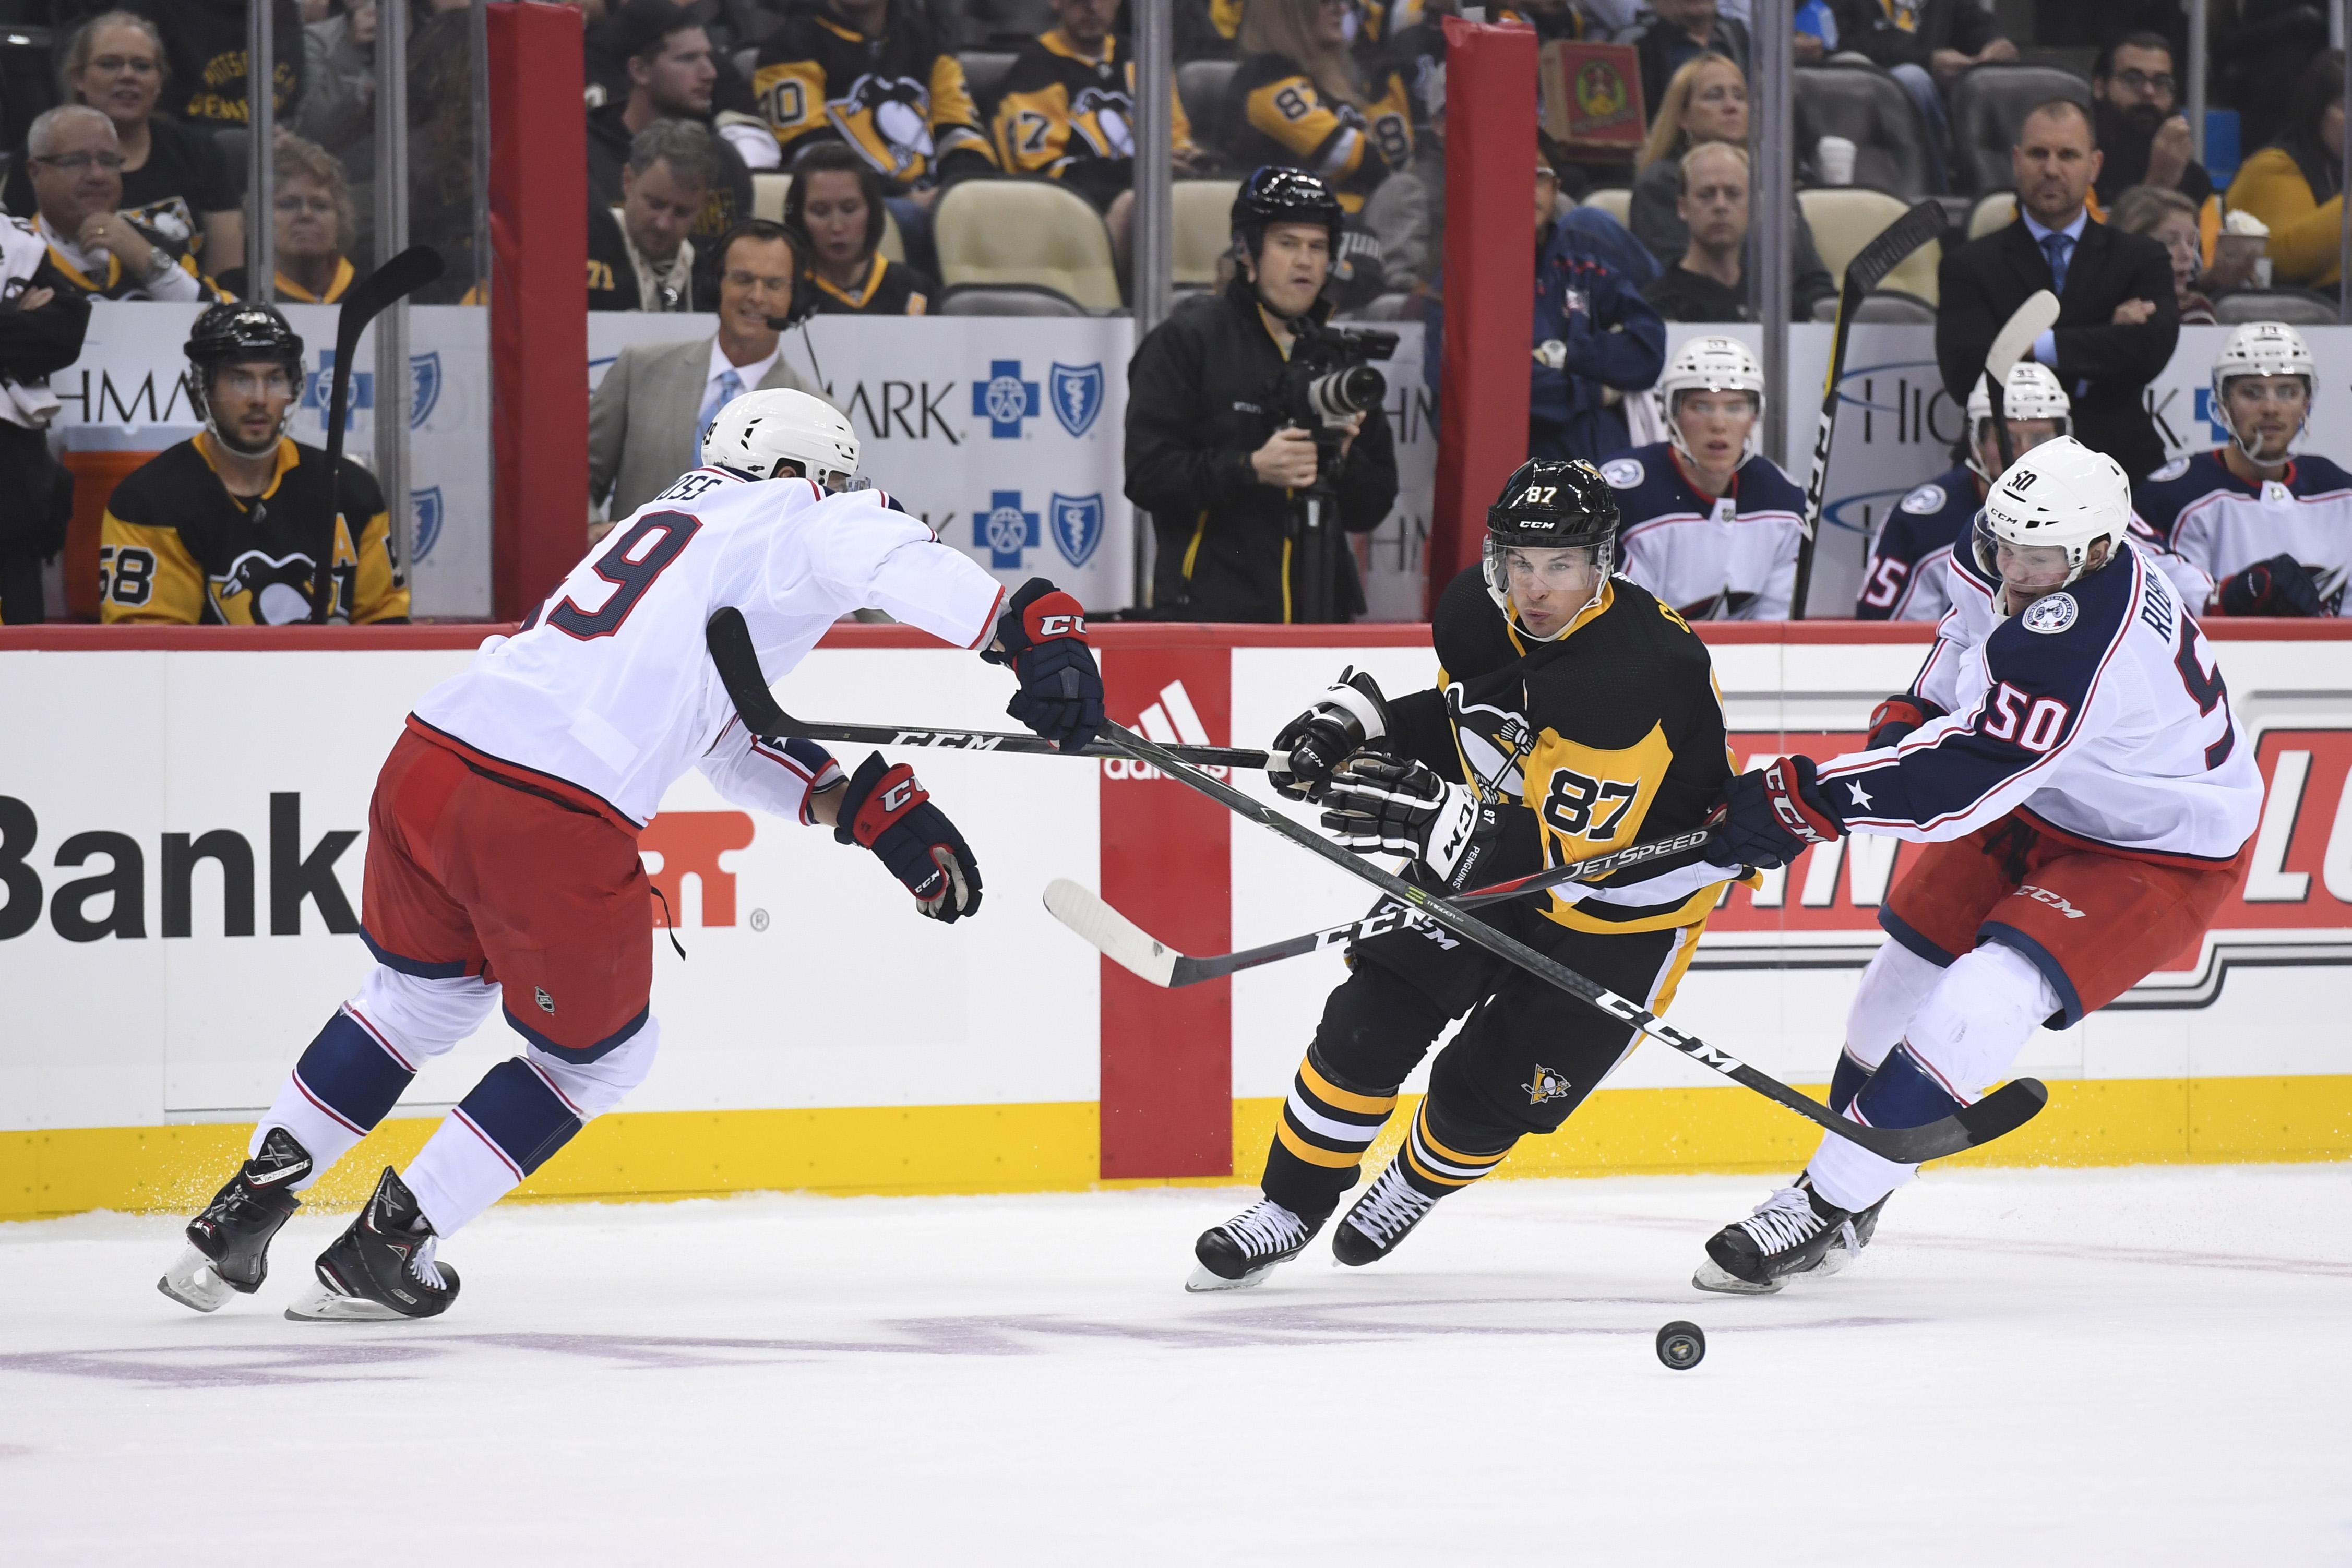 NHL: SEP 22 Preseason - Blue Jackets at Penguins